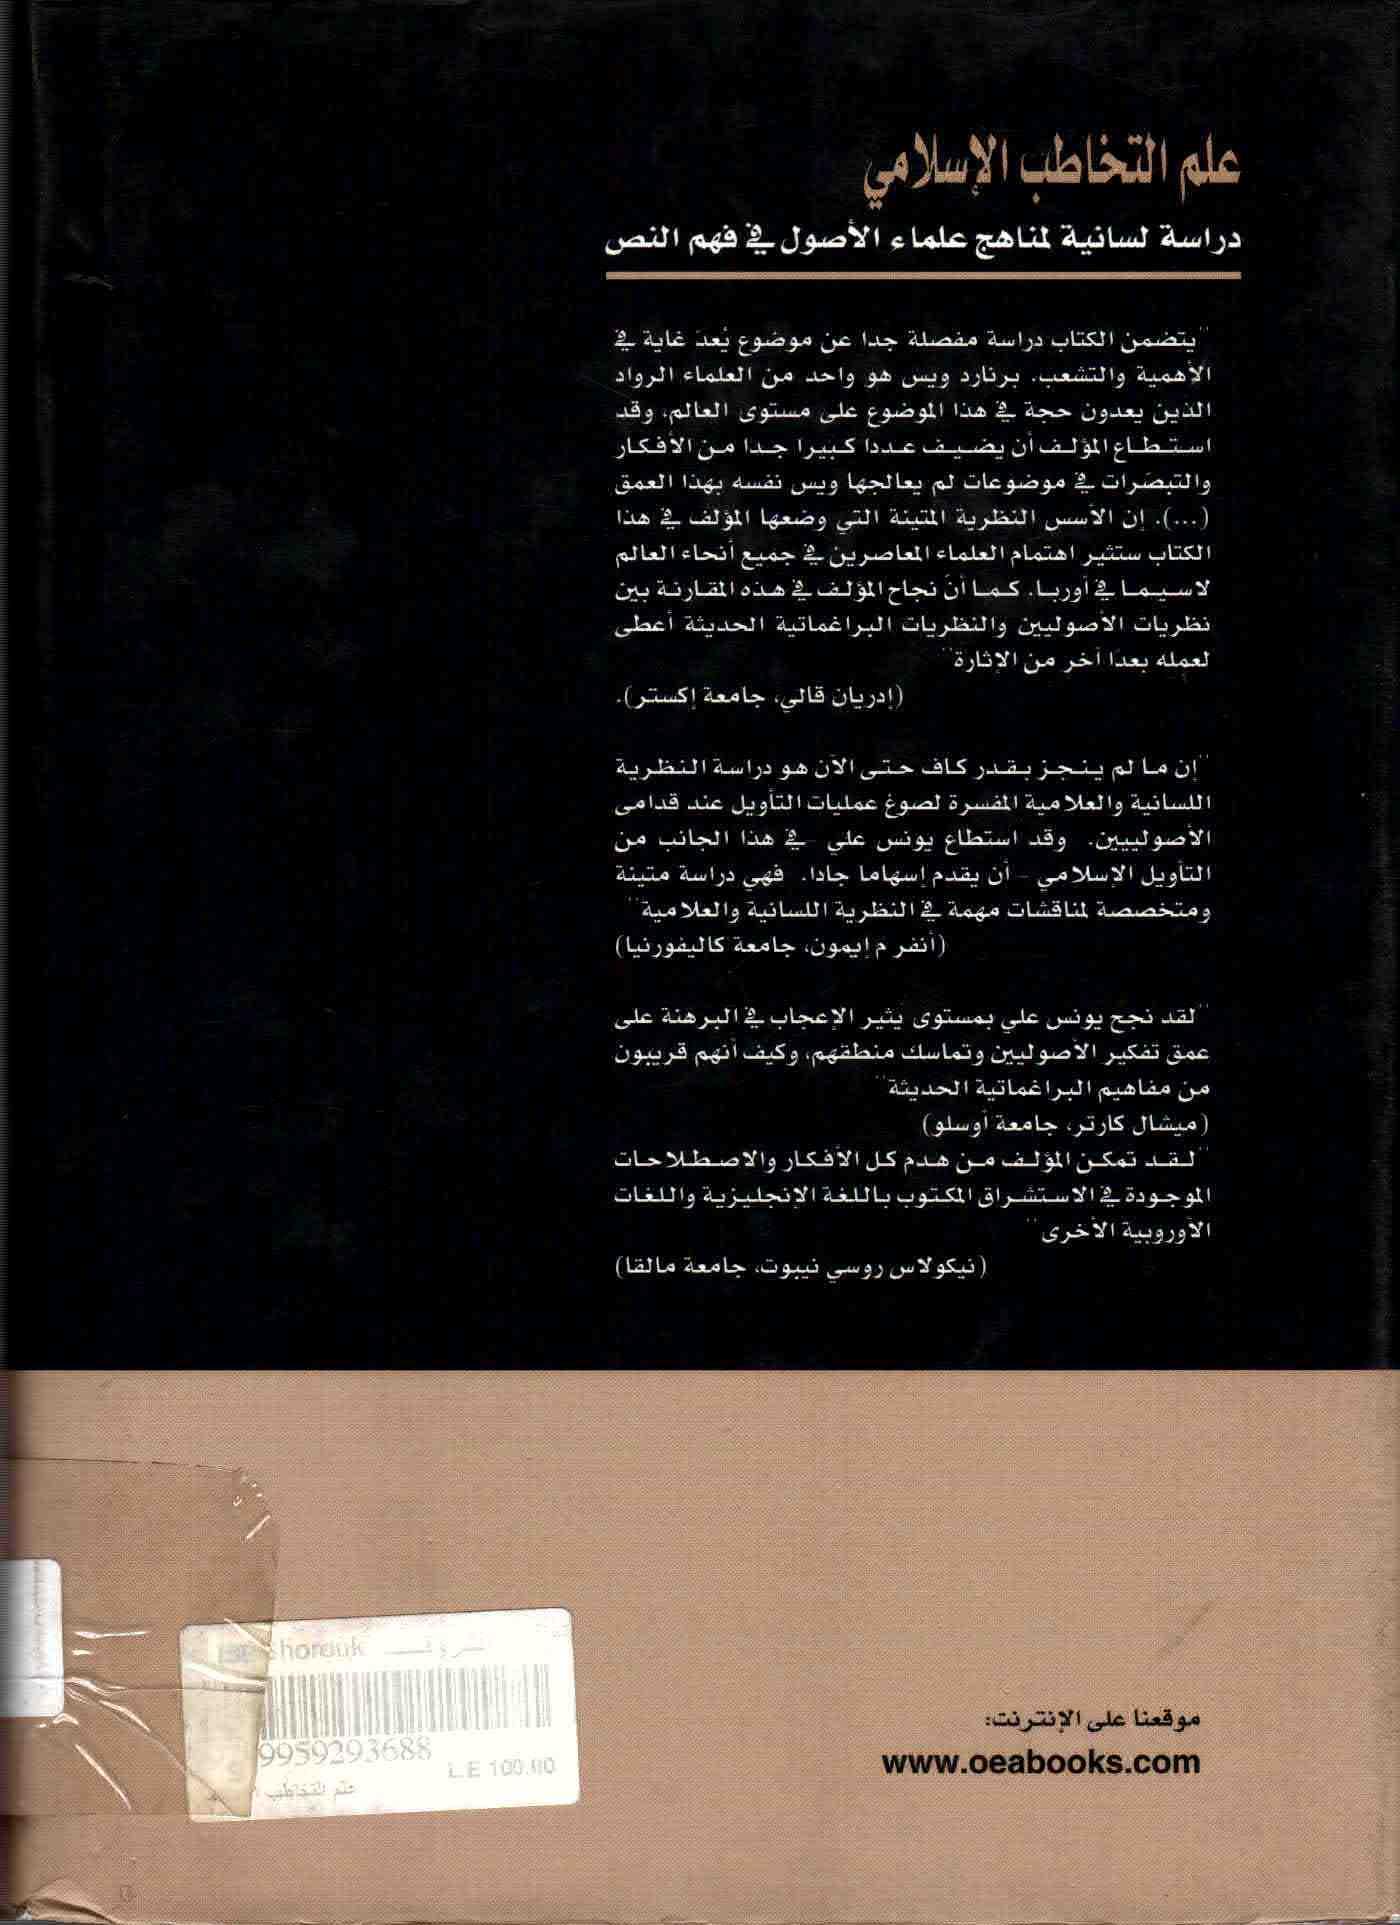 غلاف كتاب علم التخاطب افسلامي